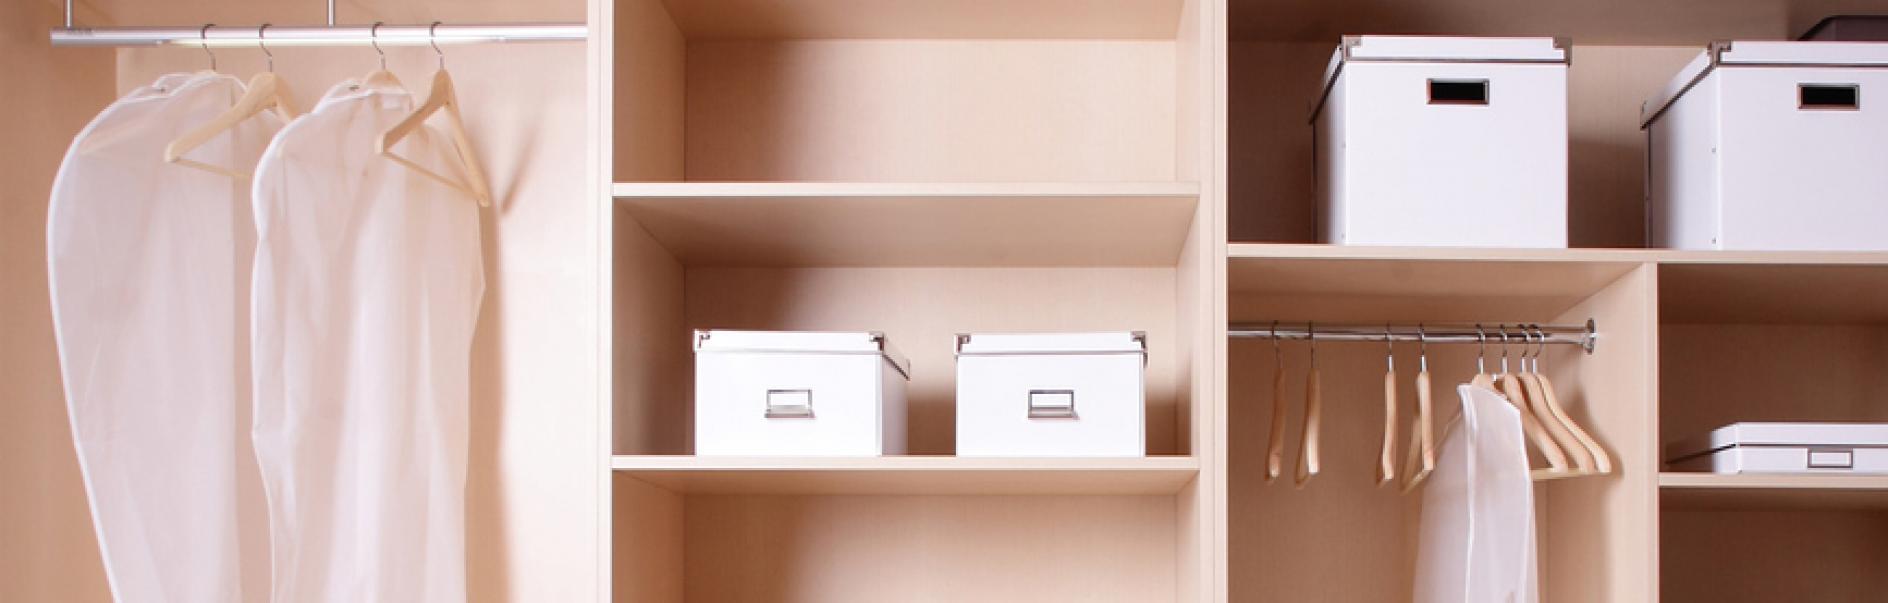 Extra Ablage In Ihrem Schrank Anbringen